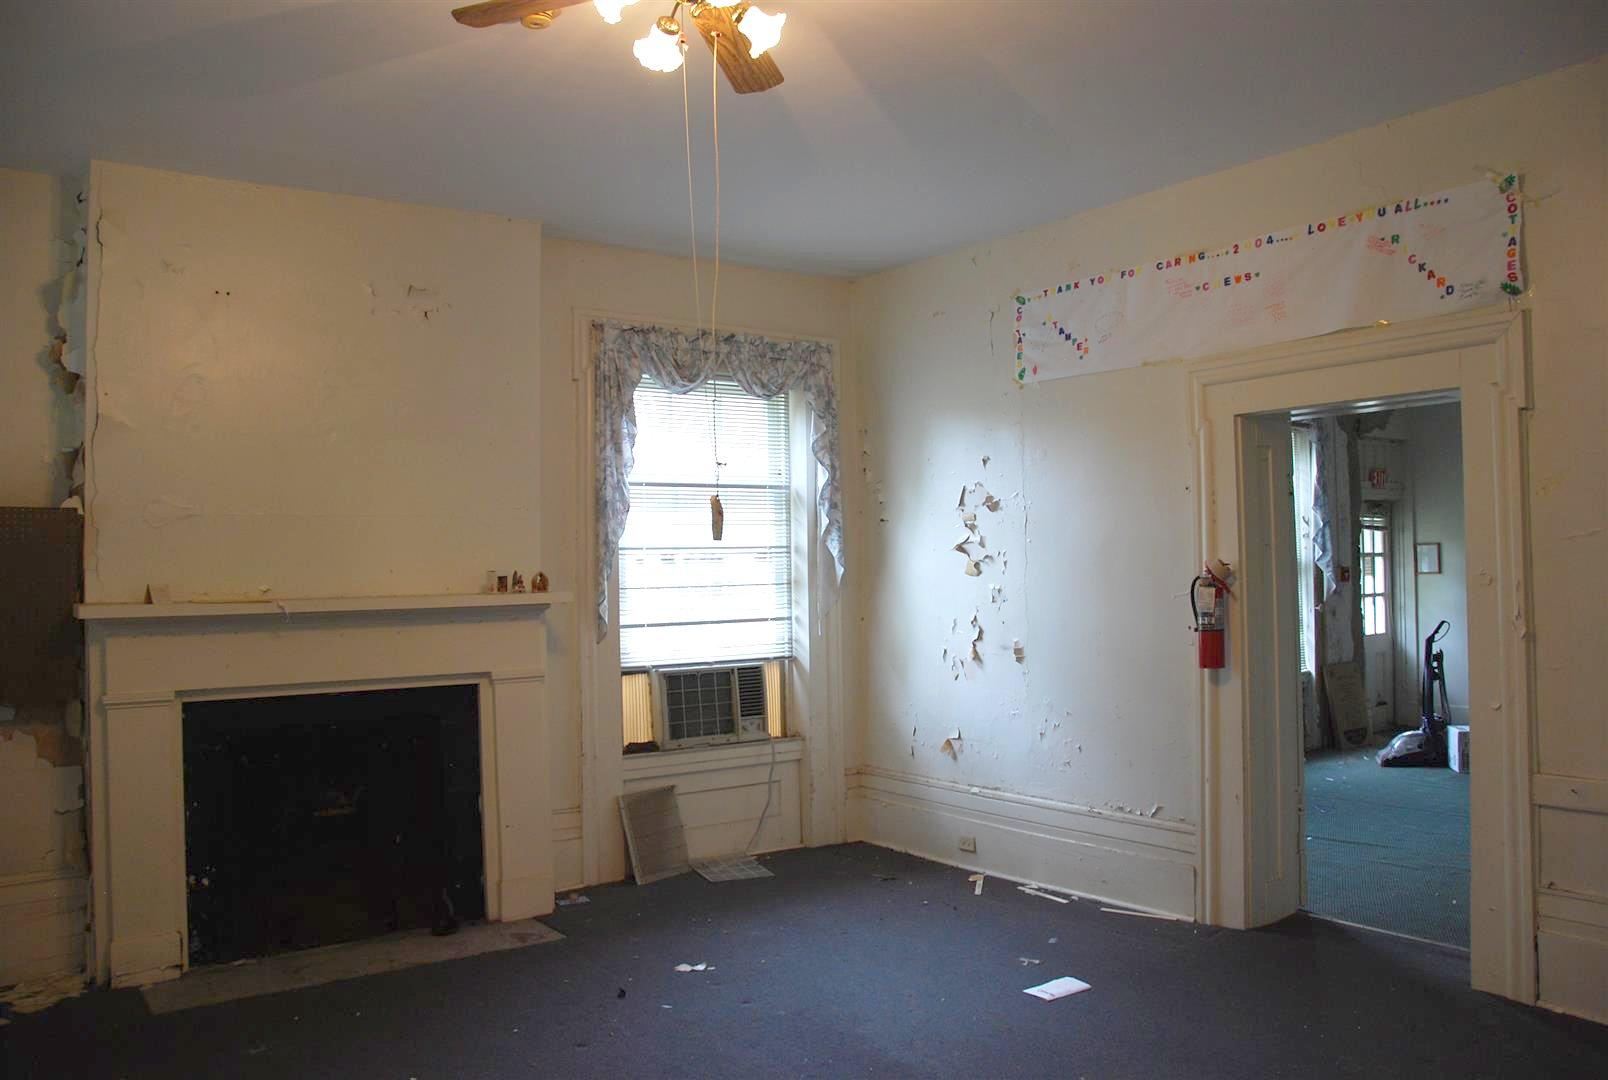 Interior Fireplace Mantel, Typical Window Casing, Door Casing